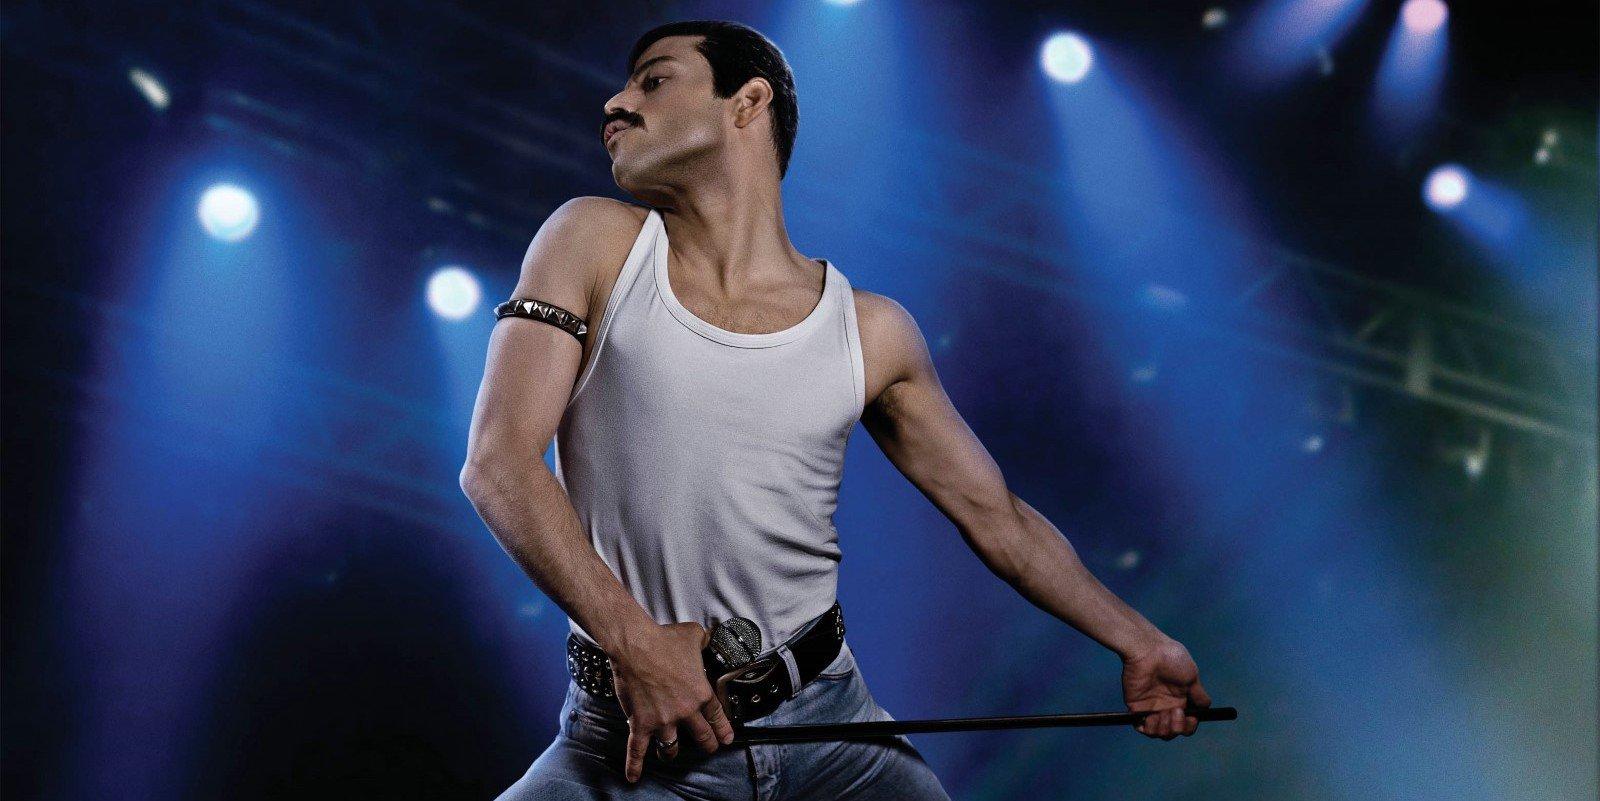 Rami Malek reçoit le BAFTA du meilleur acteur pour 'Bohemian Rhapsody' #BAFTA https://t.co/Idd26SKbtn https://t.co/0dxMDHOpvm